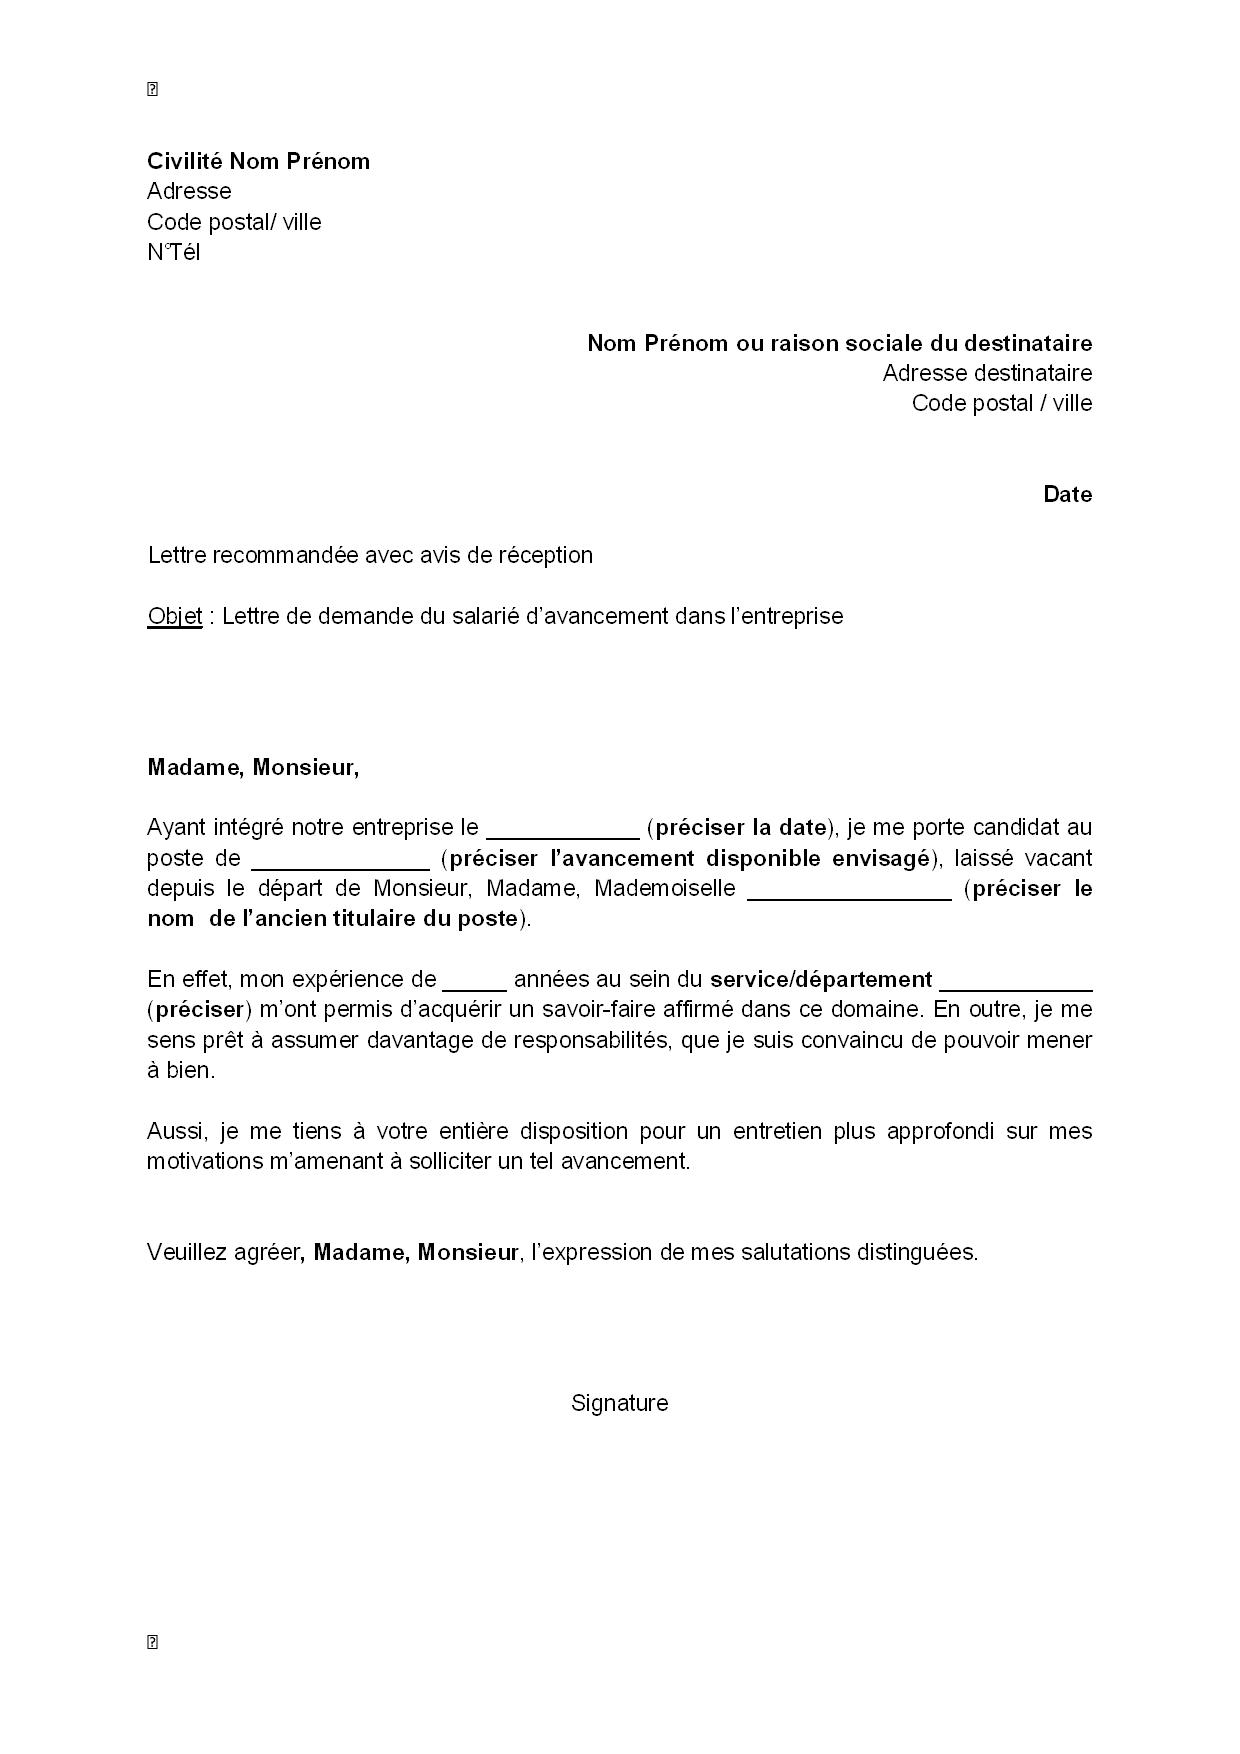 exemple gratuit de lettre demande avancement dans entreprise par salari u00e9